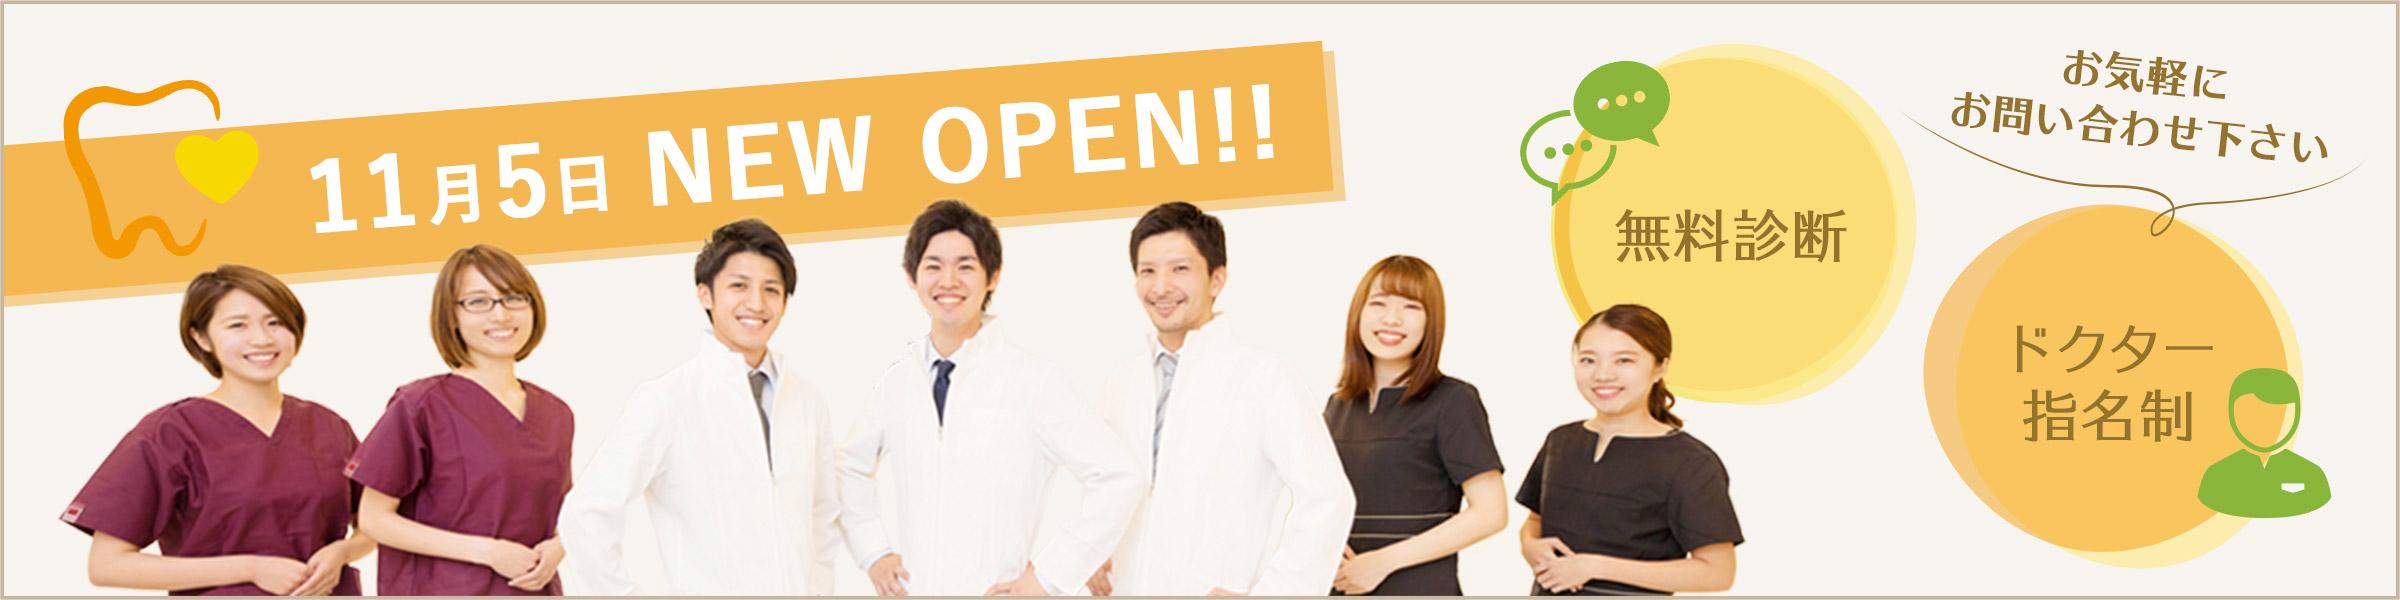 11月5日 NEW OPEN